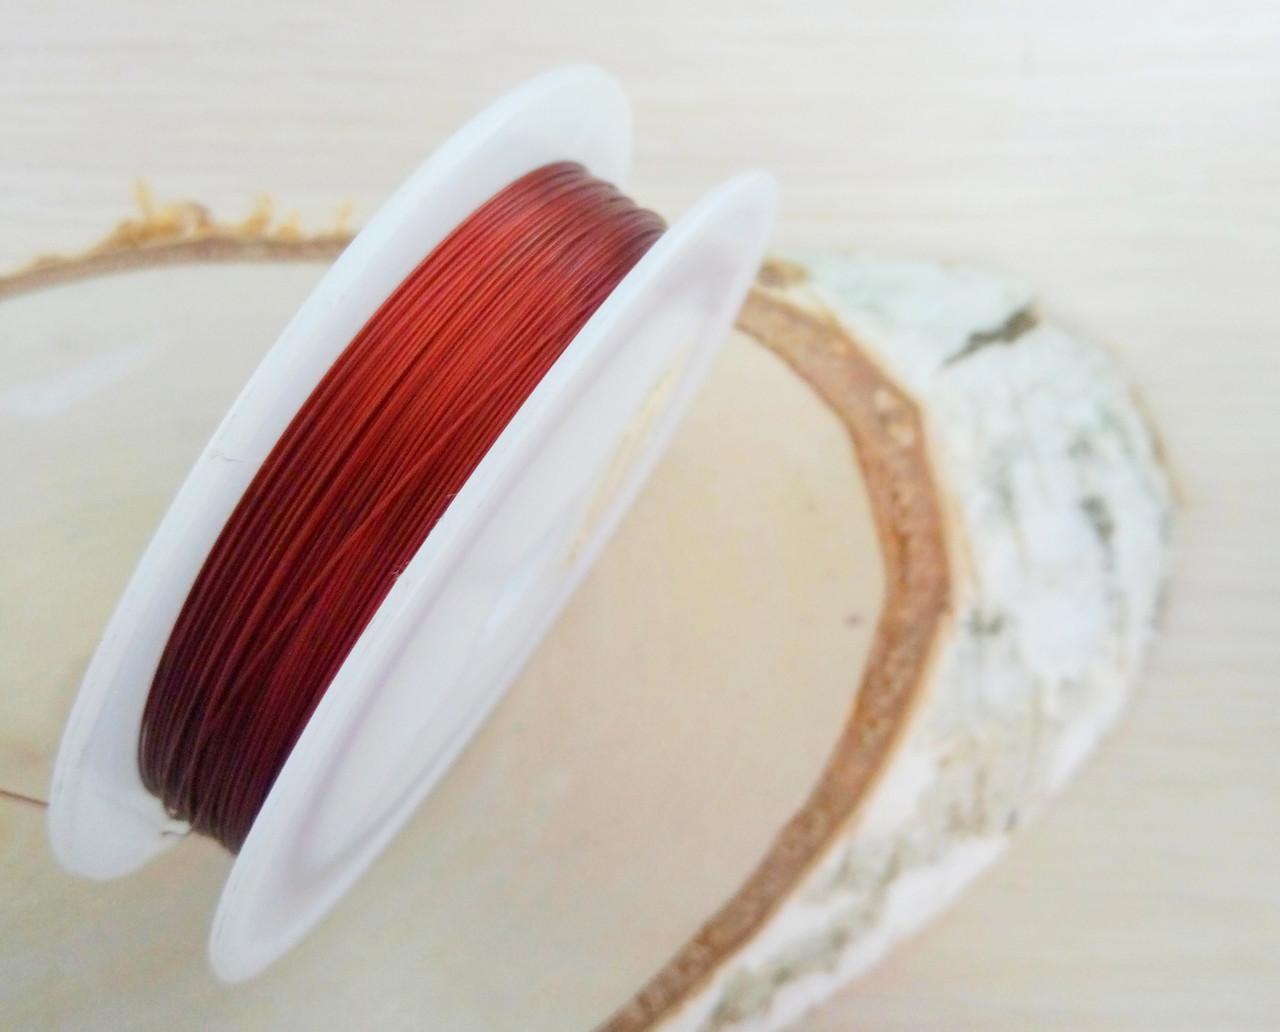 Метализированный трос 0,38мм красный 1 м. (товар при заказе от 200 грн) - магазин-студия Цацки в Чернигове